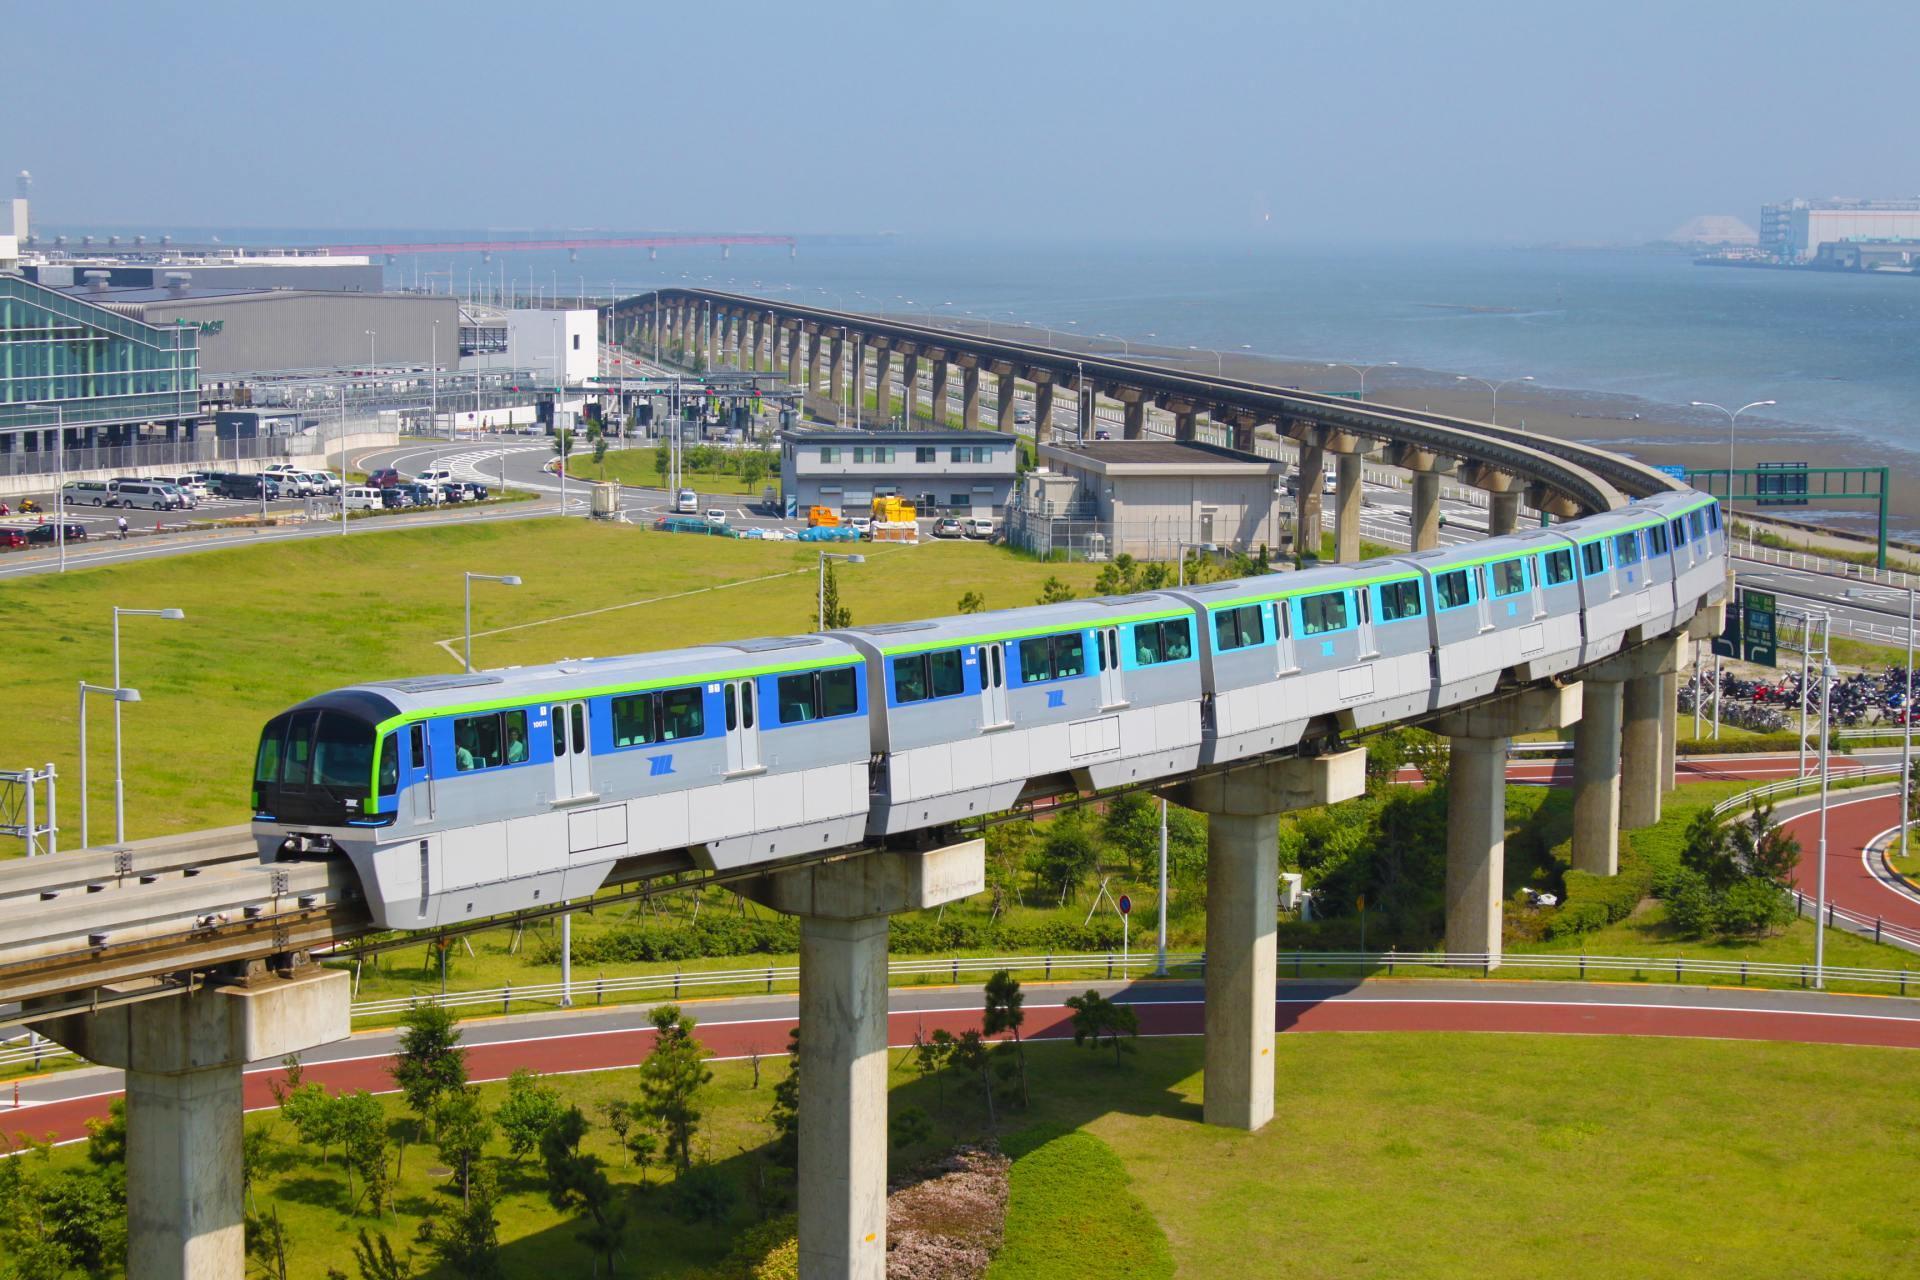 如果打算從羽田機場前往東京旅遊的話,建議使用單軌電車&山手線內優惠票